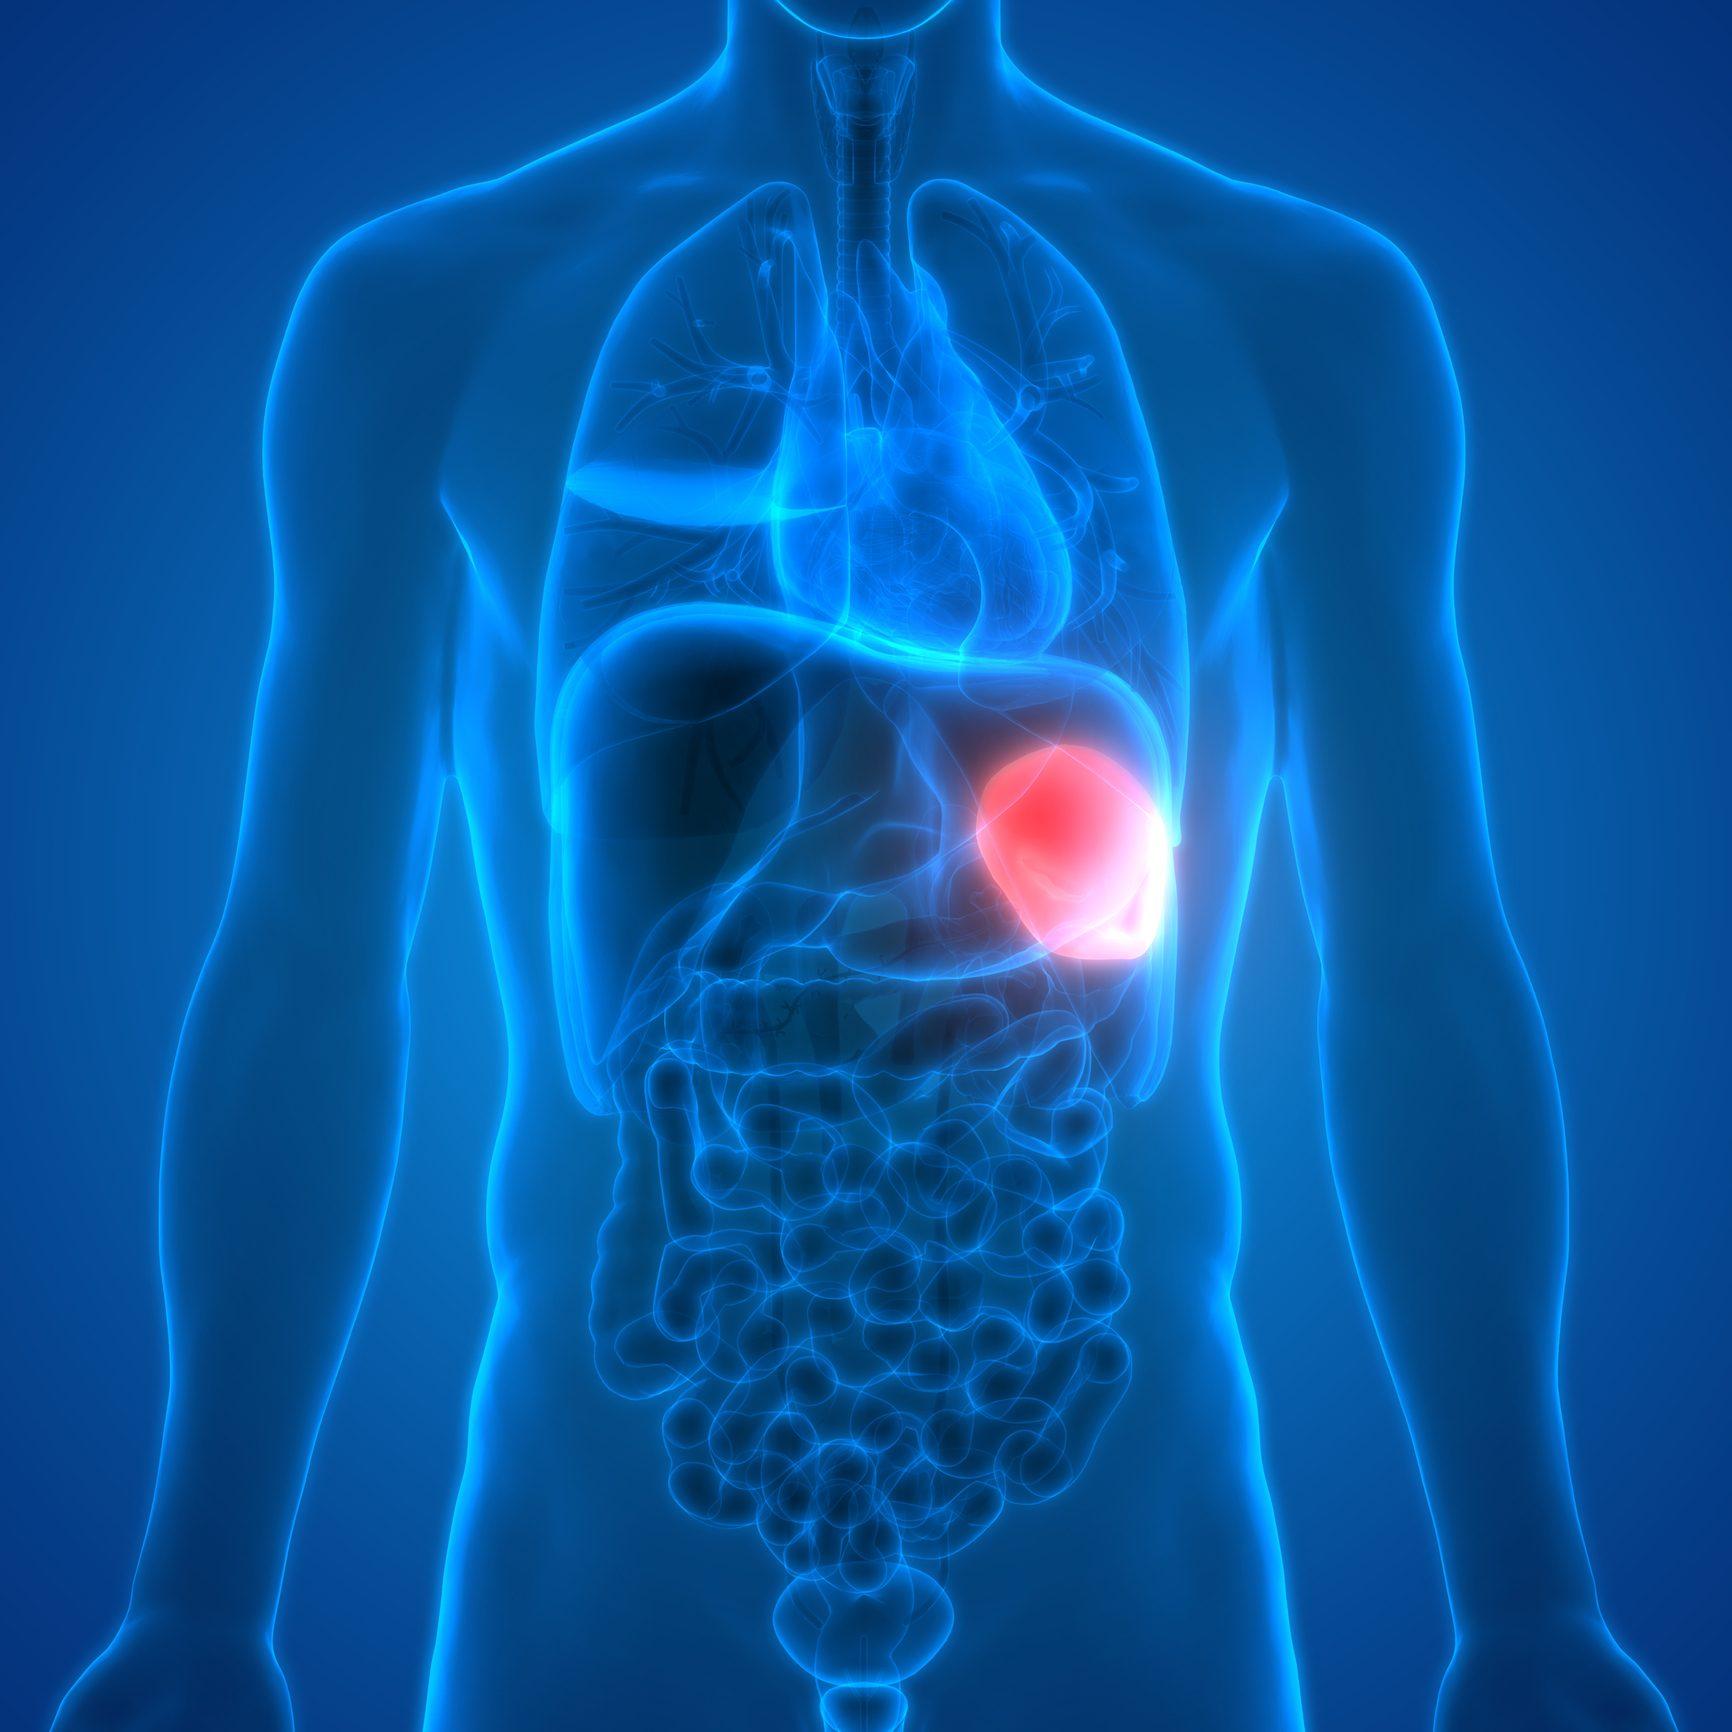 la perdita di peso può causare linfonodi ingrossati